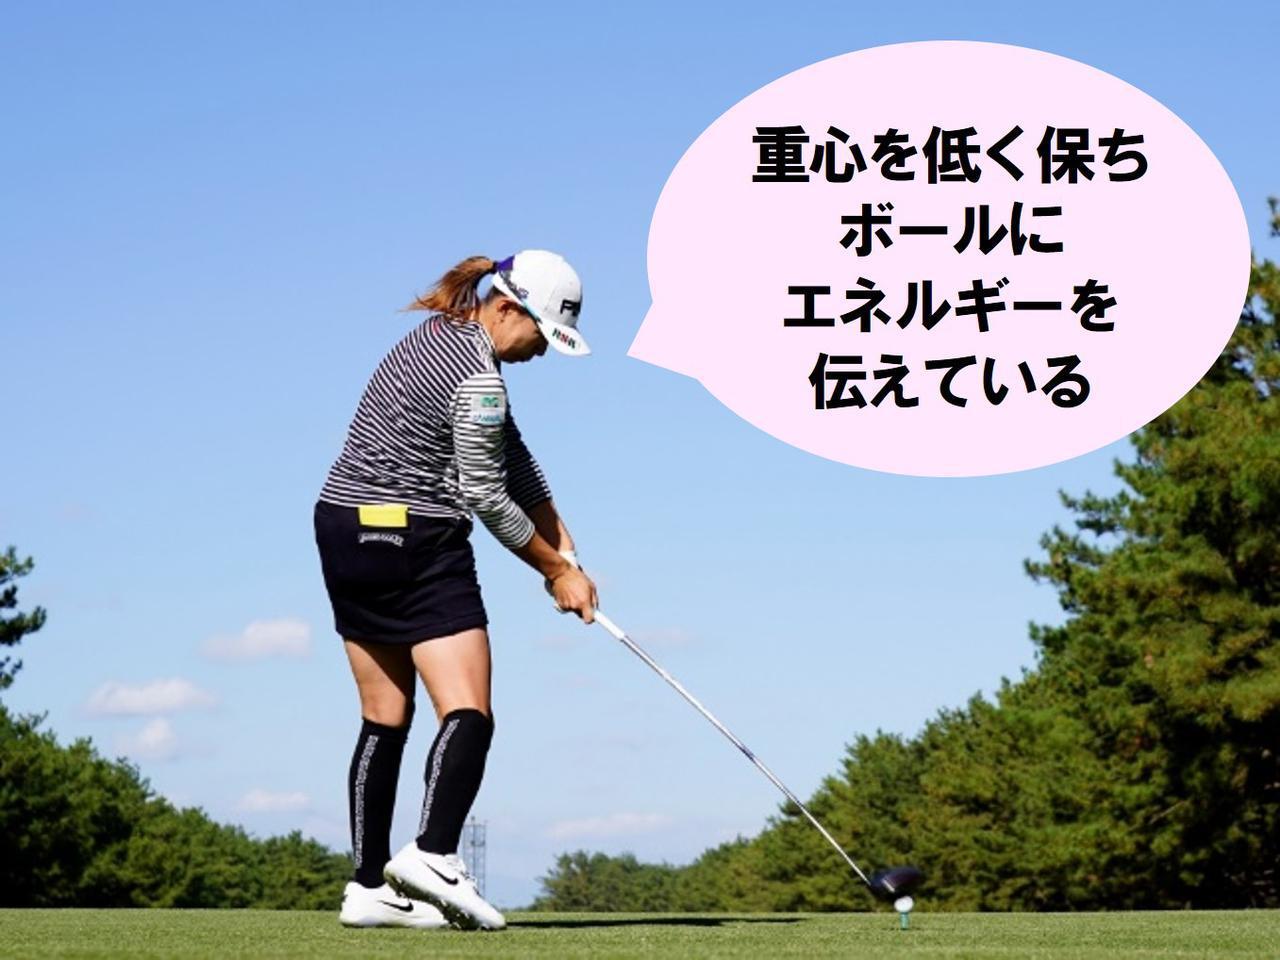 画像10: 【渋野日向子】小さな動きで最大パワーと最速スピード。これぞ令和のアスレチックスウィング!